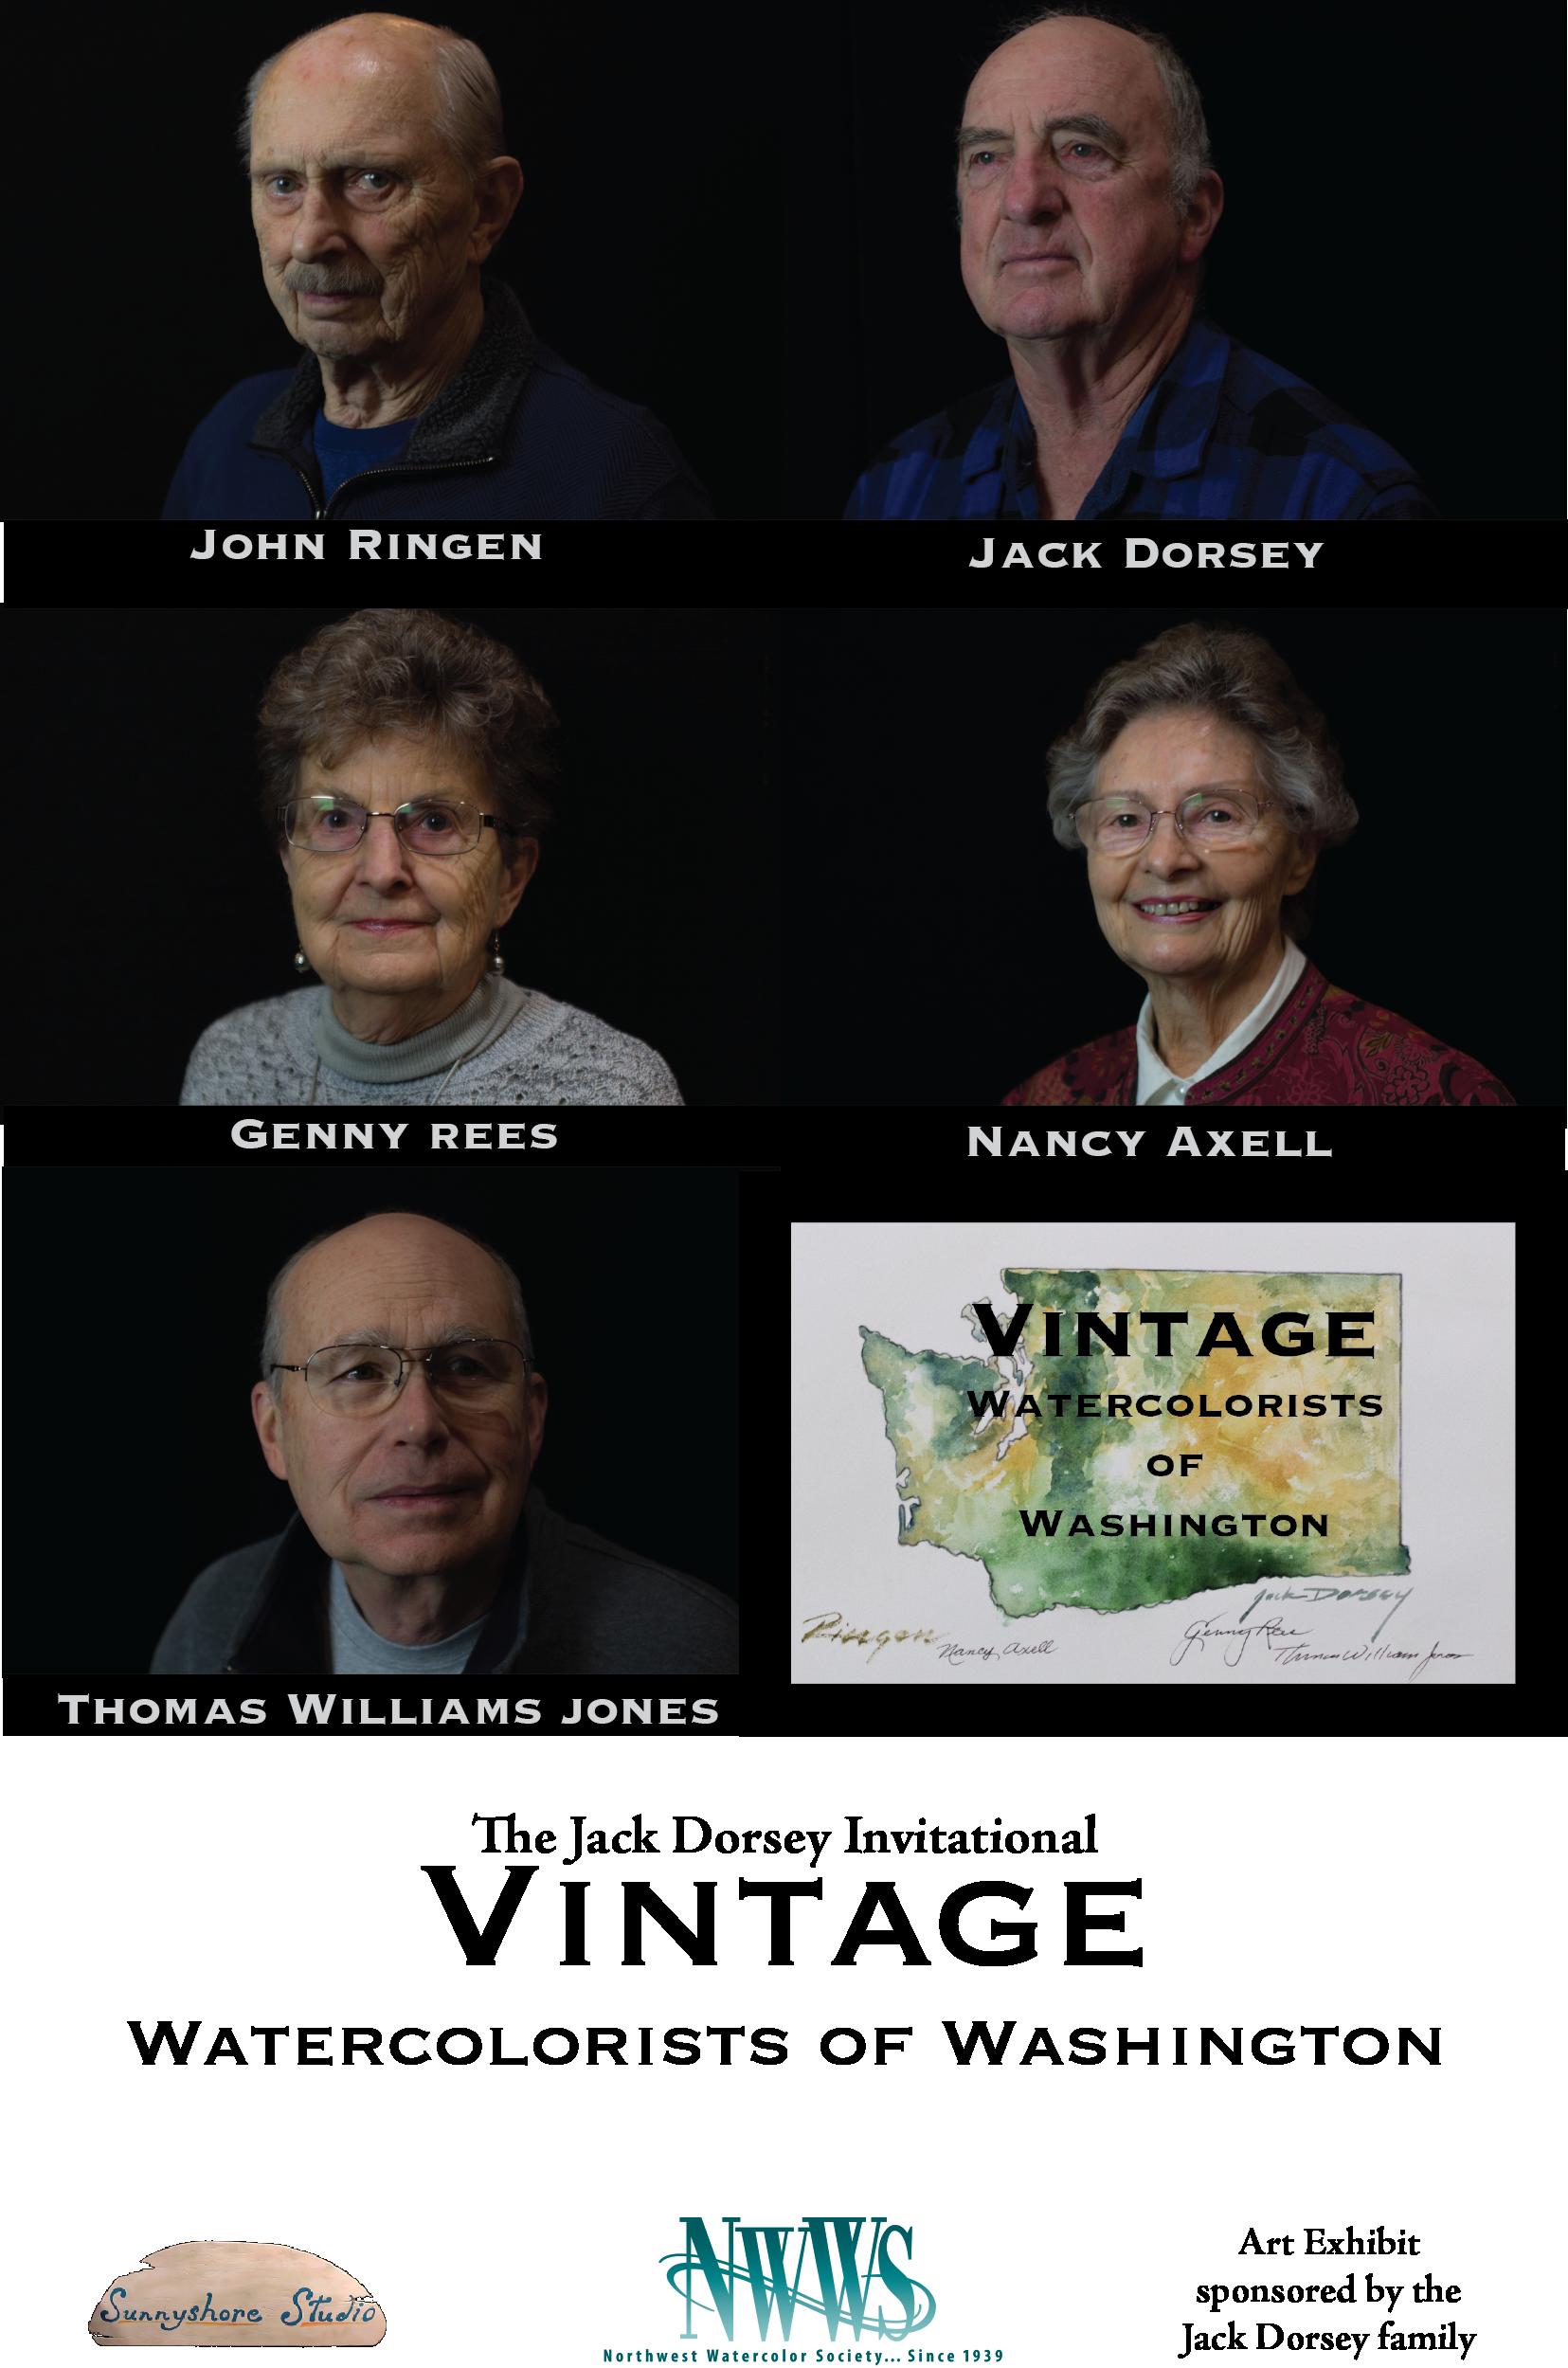 Vintage Watercolorists of Washington Art Show Announcement